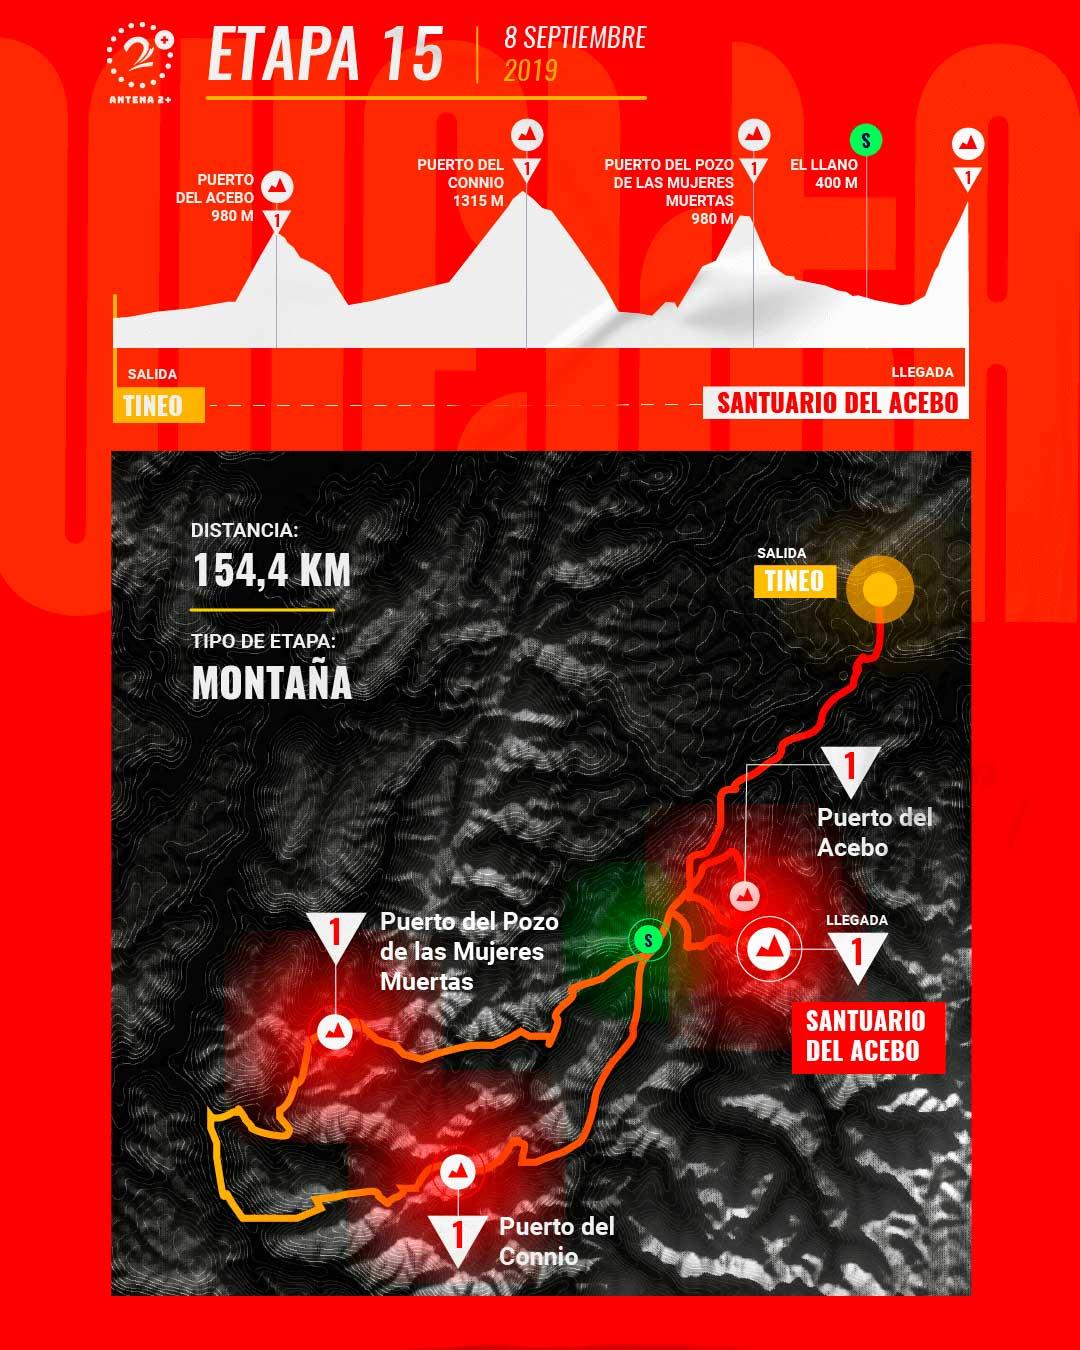 Etapa 15, Vuelta a España 2019